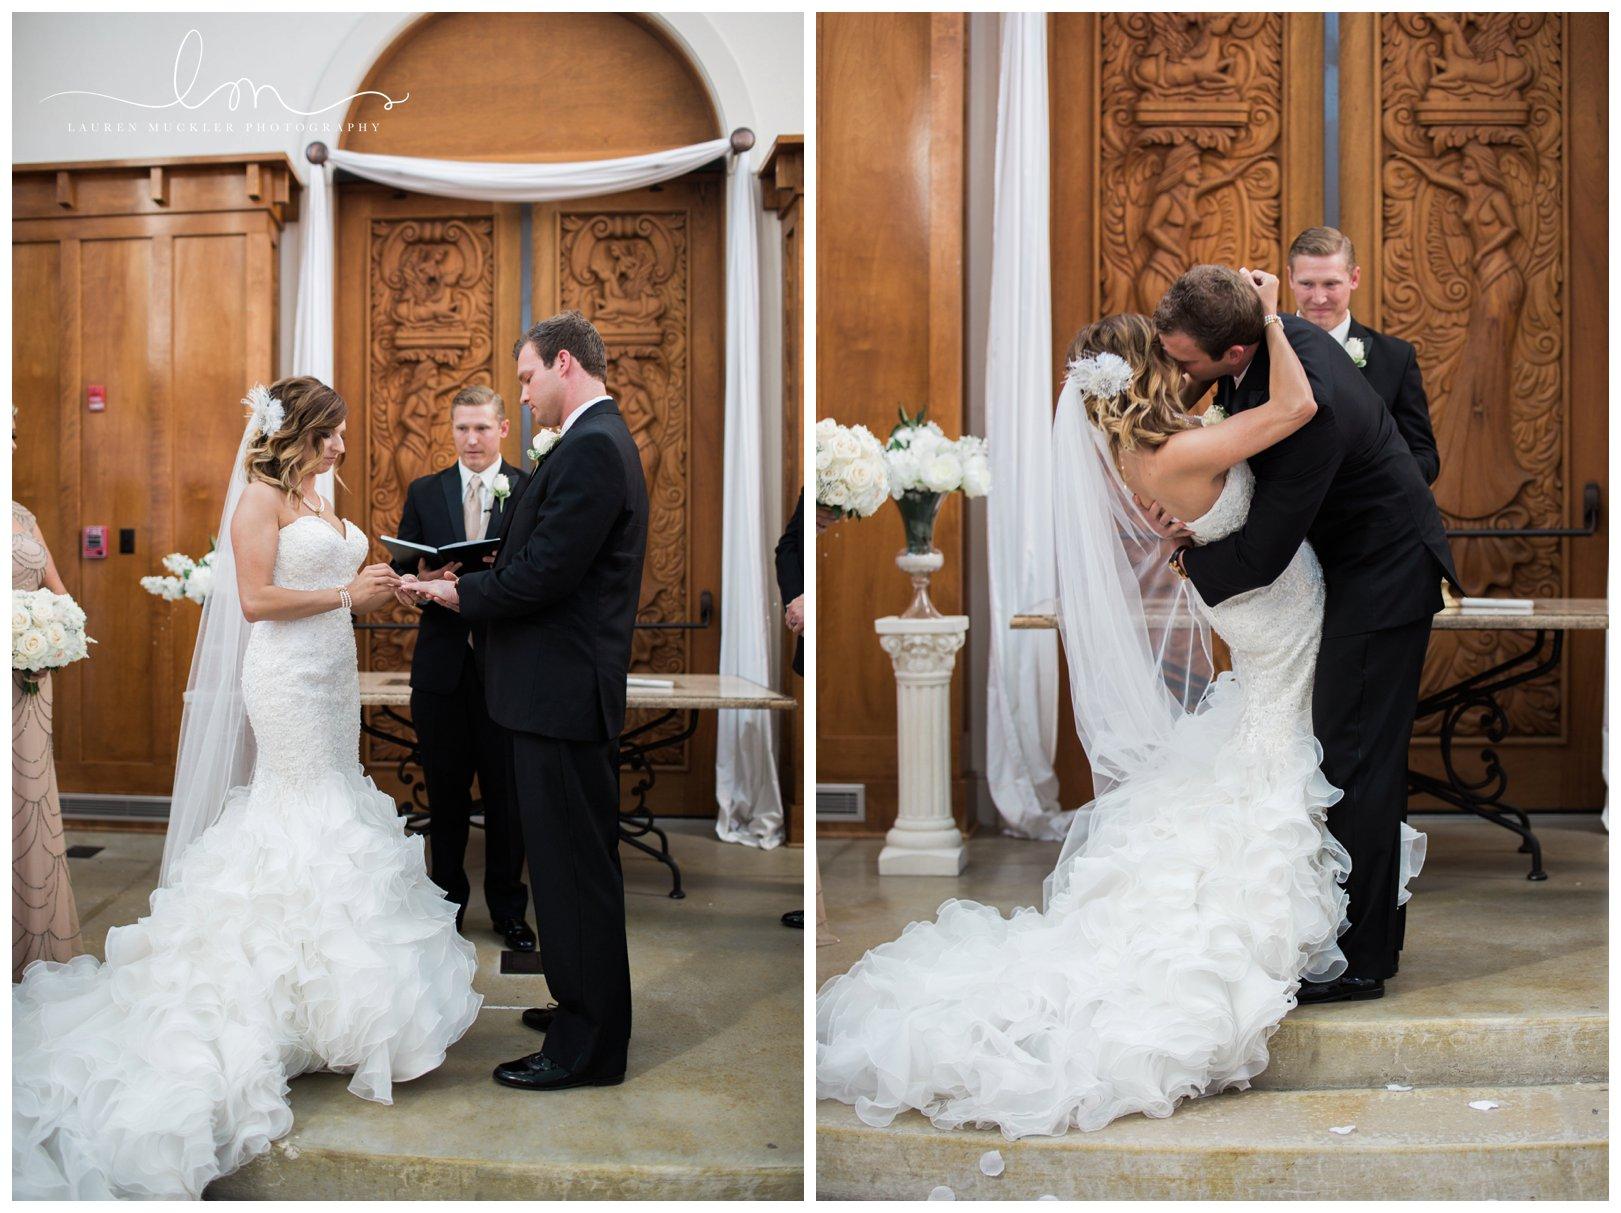 lauren muckler photography_fine art film wedding photography_st louis_photography_0466.jpg